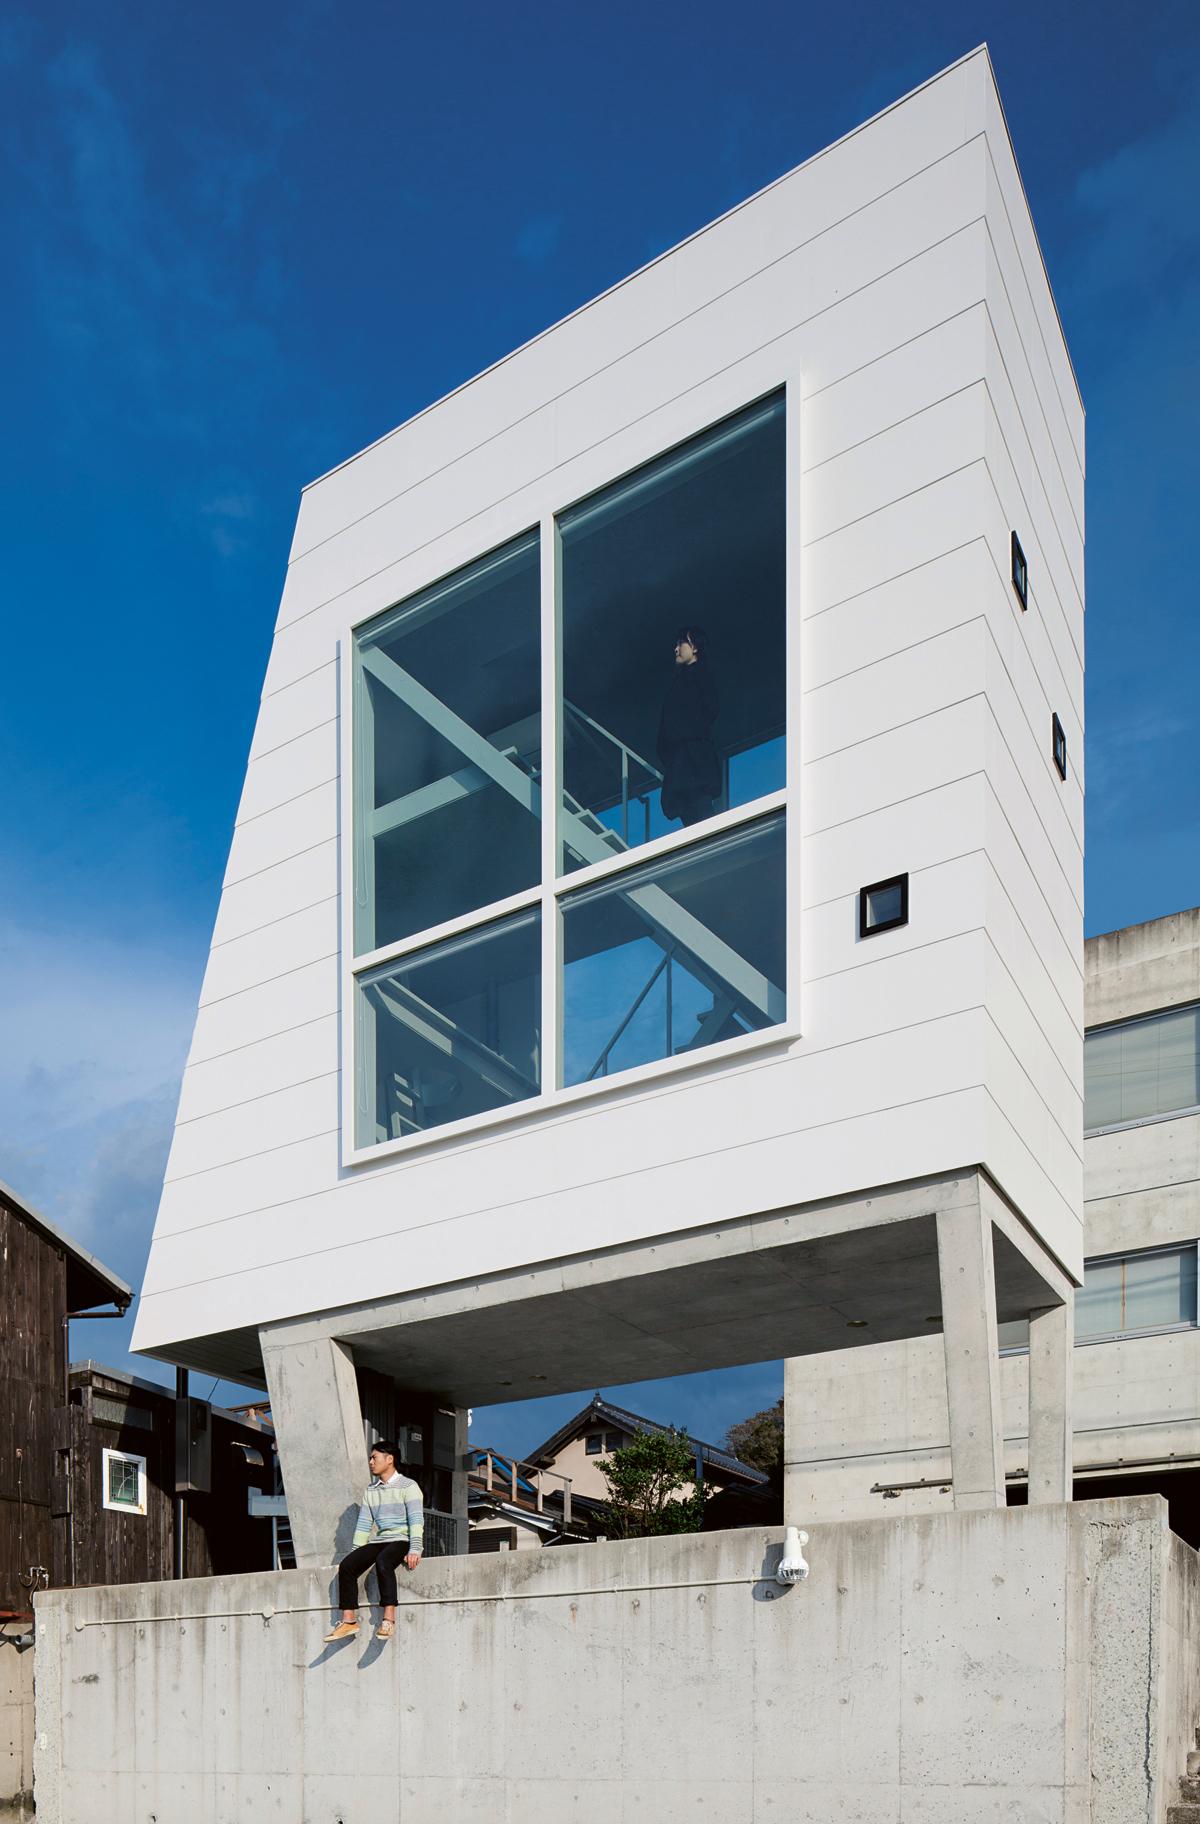 Window House, Yasutaka Yoshimura, 2013, Miura, Kanagawa Prefecture